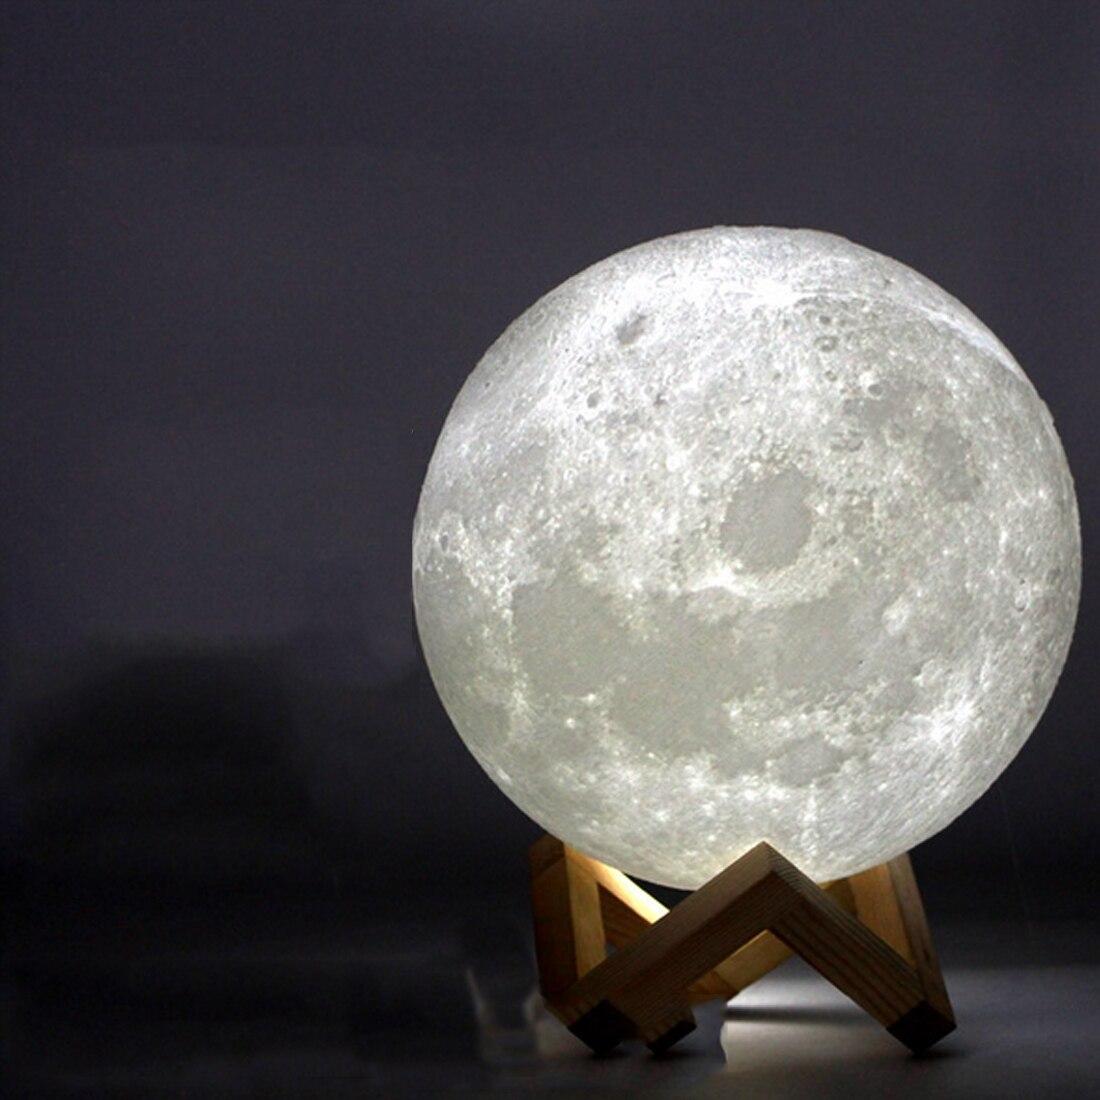 Novedad en lámpara de dibujo de Luna 3D con personalidad, luz Lunar con carga USB, lámpara de noche táctil con Control de brillo tenue de colores duales Lámpara LED estrellado con Bluetooth para proyector de cielo nocturno, luz de estrella, Cosmos Master, batería de regalo para niños, batería USB, luz nocturna para niños